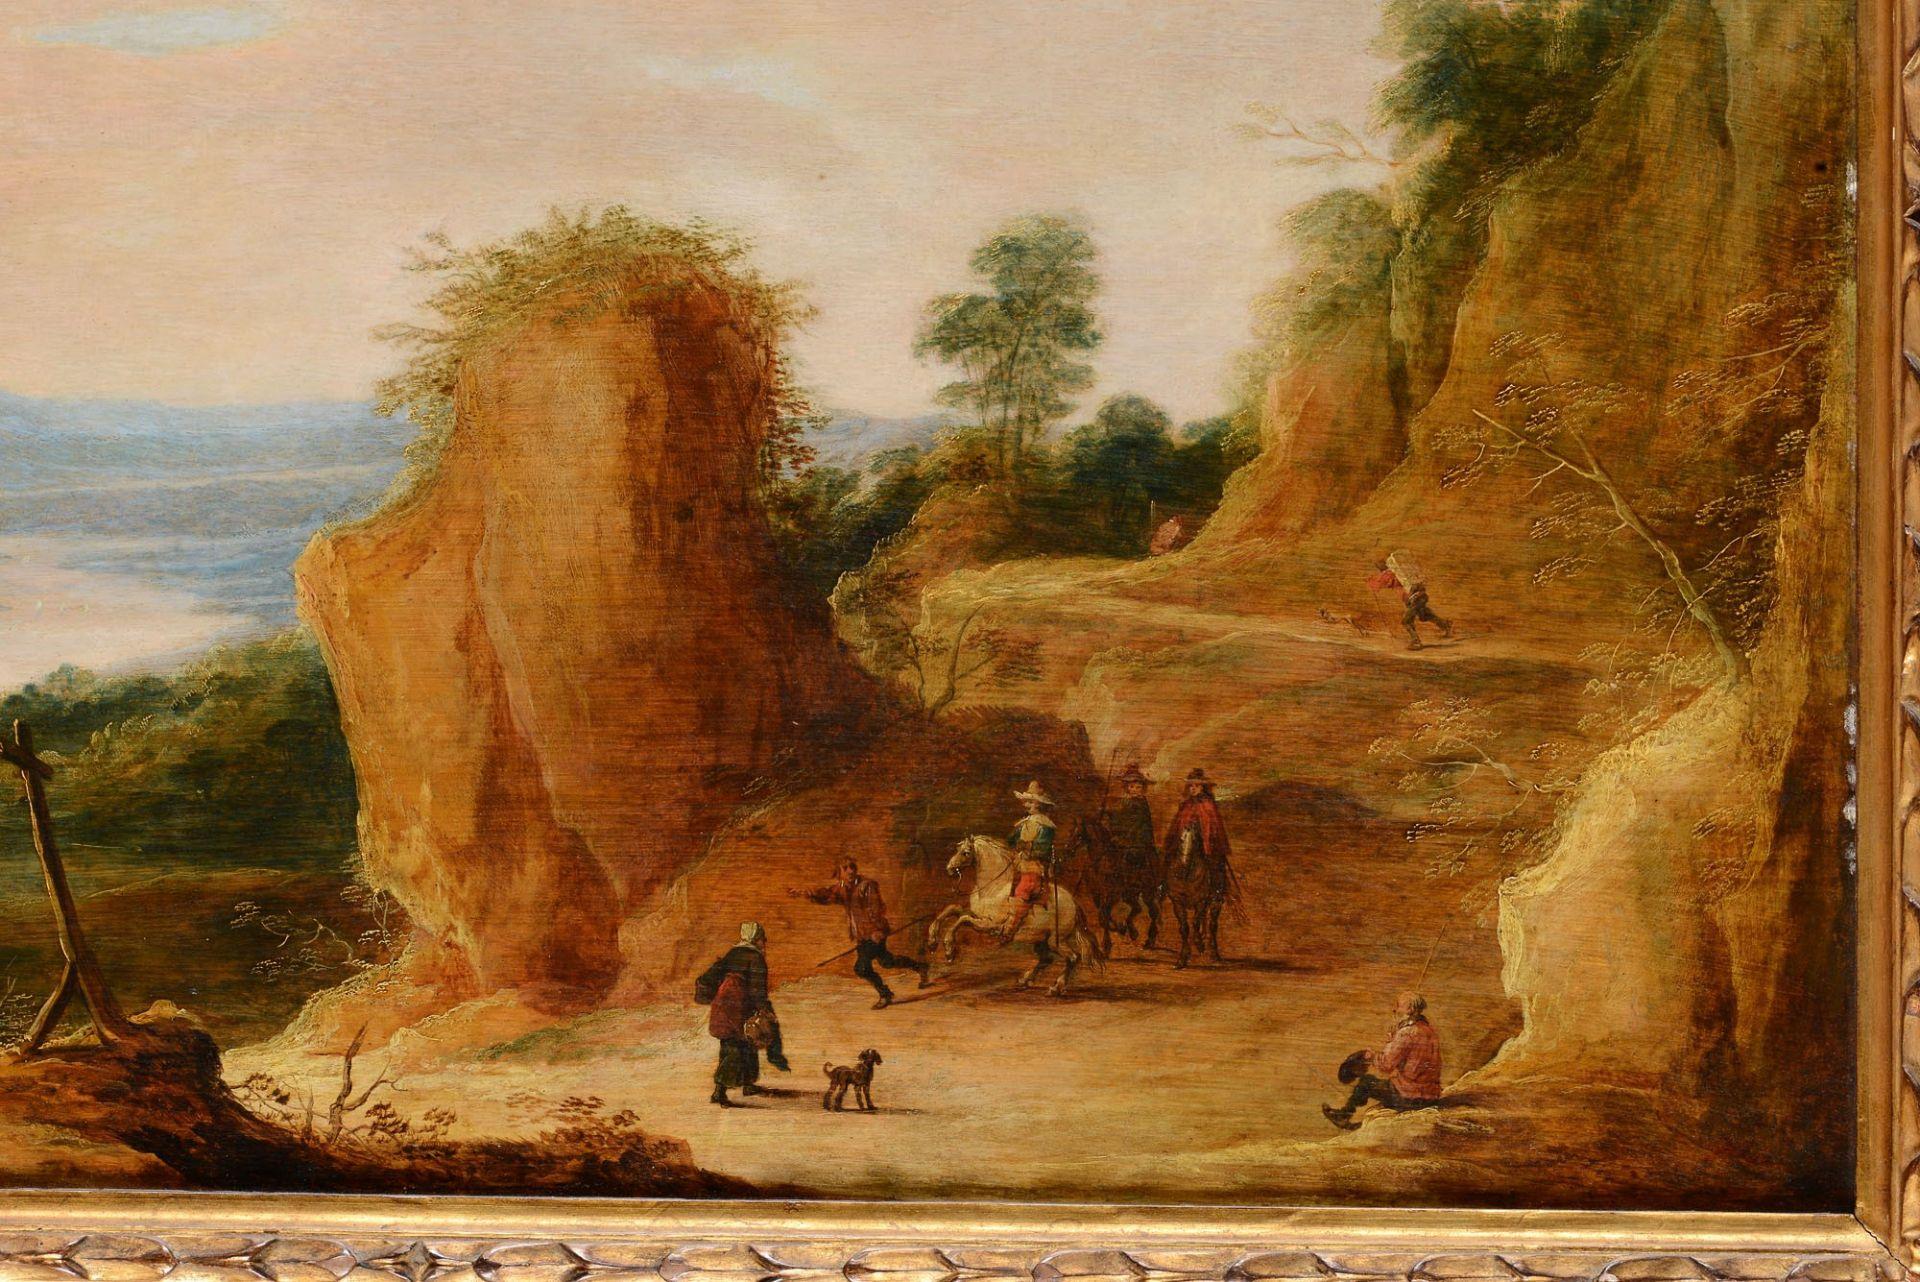 Los 45 - Joos de Momper (1564-1635), Paesaggio con viandanti - olio su tavola, cm 54x78 -